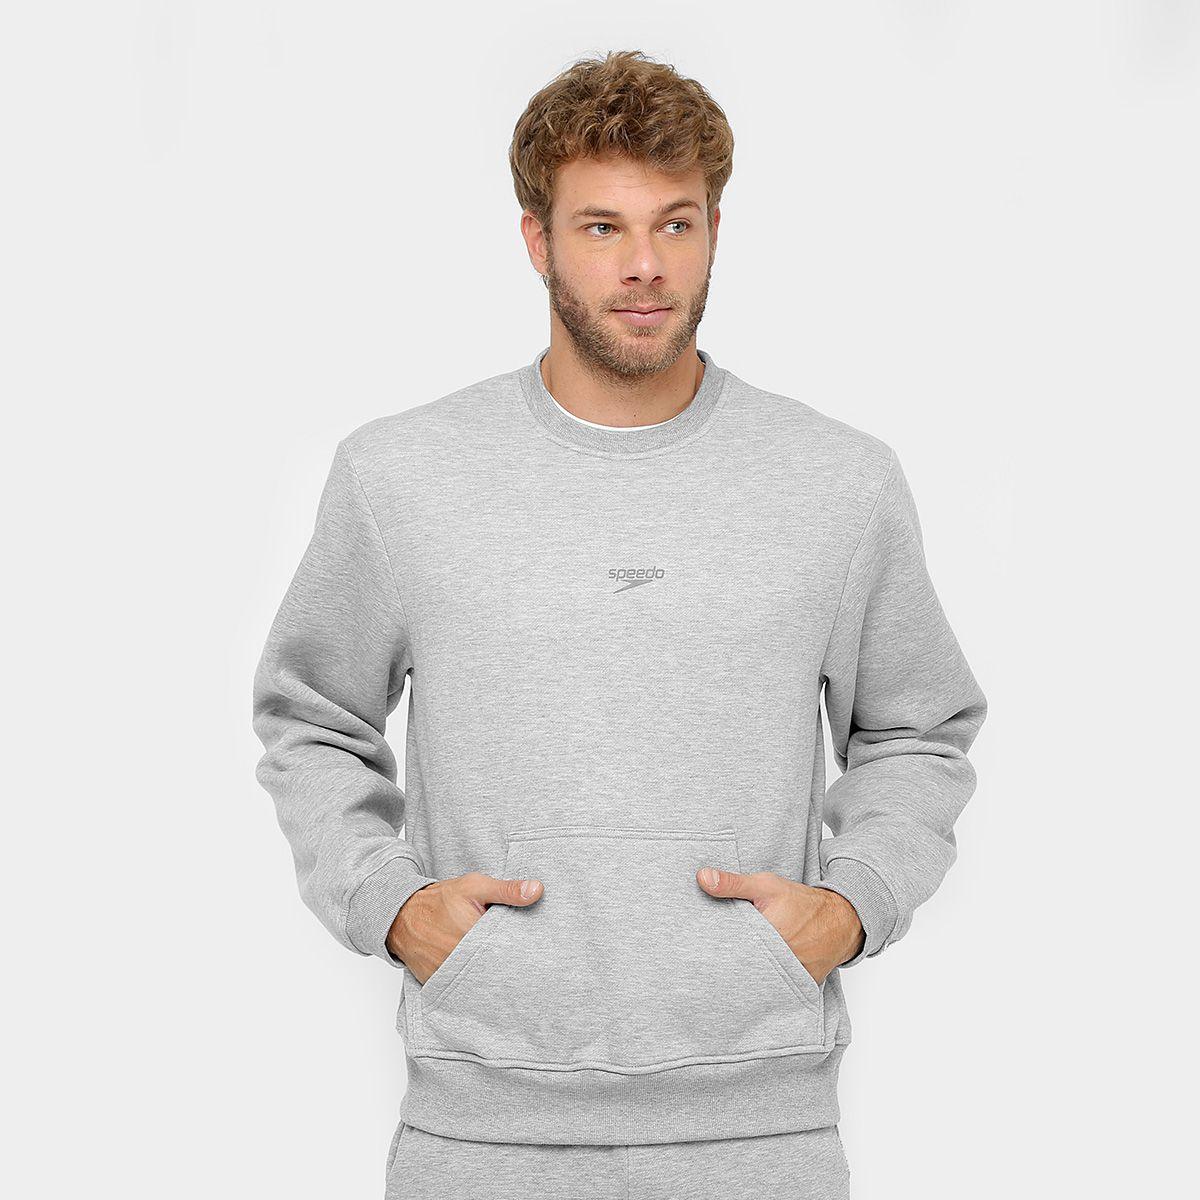 Casaco de Moletom Masculino Speedo Active Fleece